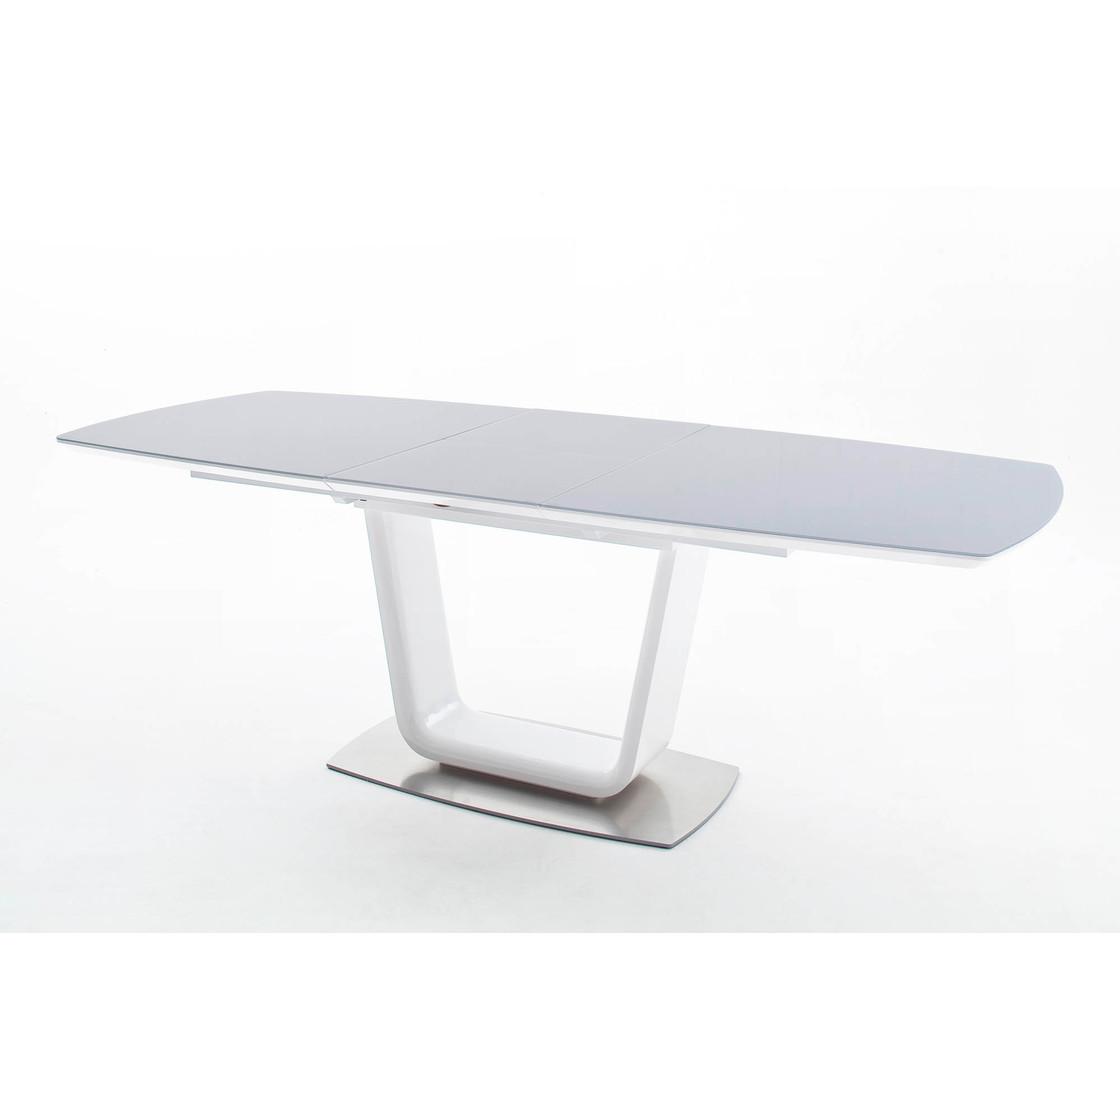 Full Size of Esstisch Weiß Oval Weißer Kaufen Modern Günstig Eiche Sägerau Industrial Weiße Regale Massiv Kleines Regal Rund Mit Stühlen Massivholz Schlafzimmer Esstische Esstisch Weiß Oval